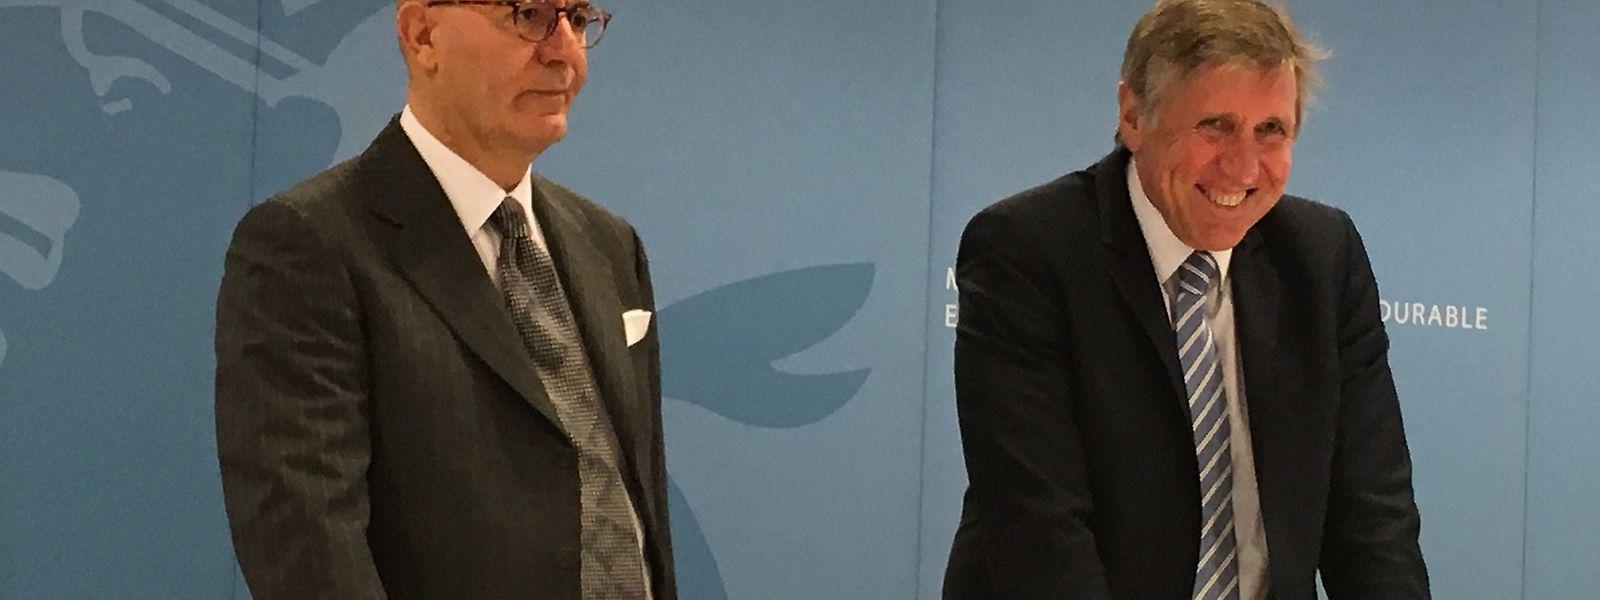 Nachhaltigkeitsminister François Bausch präsentierte am Montag den neuen Eigentümer von Luxair. An seiner Seite befindet sich Giovanni Giallombardo, Mitglied im Delfin-Verwaltungsrat.